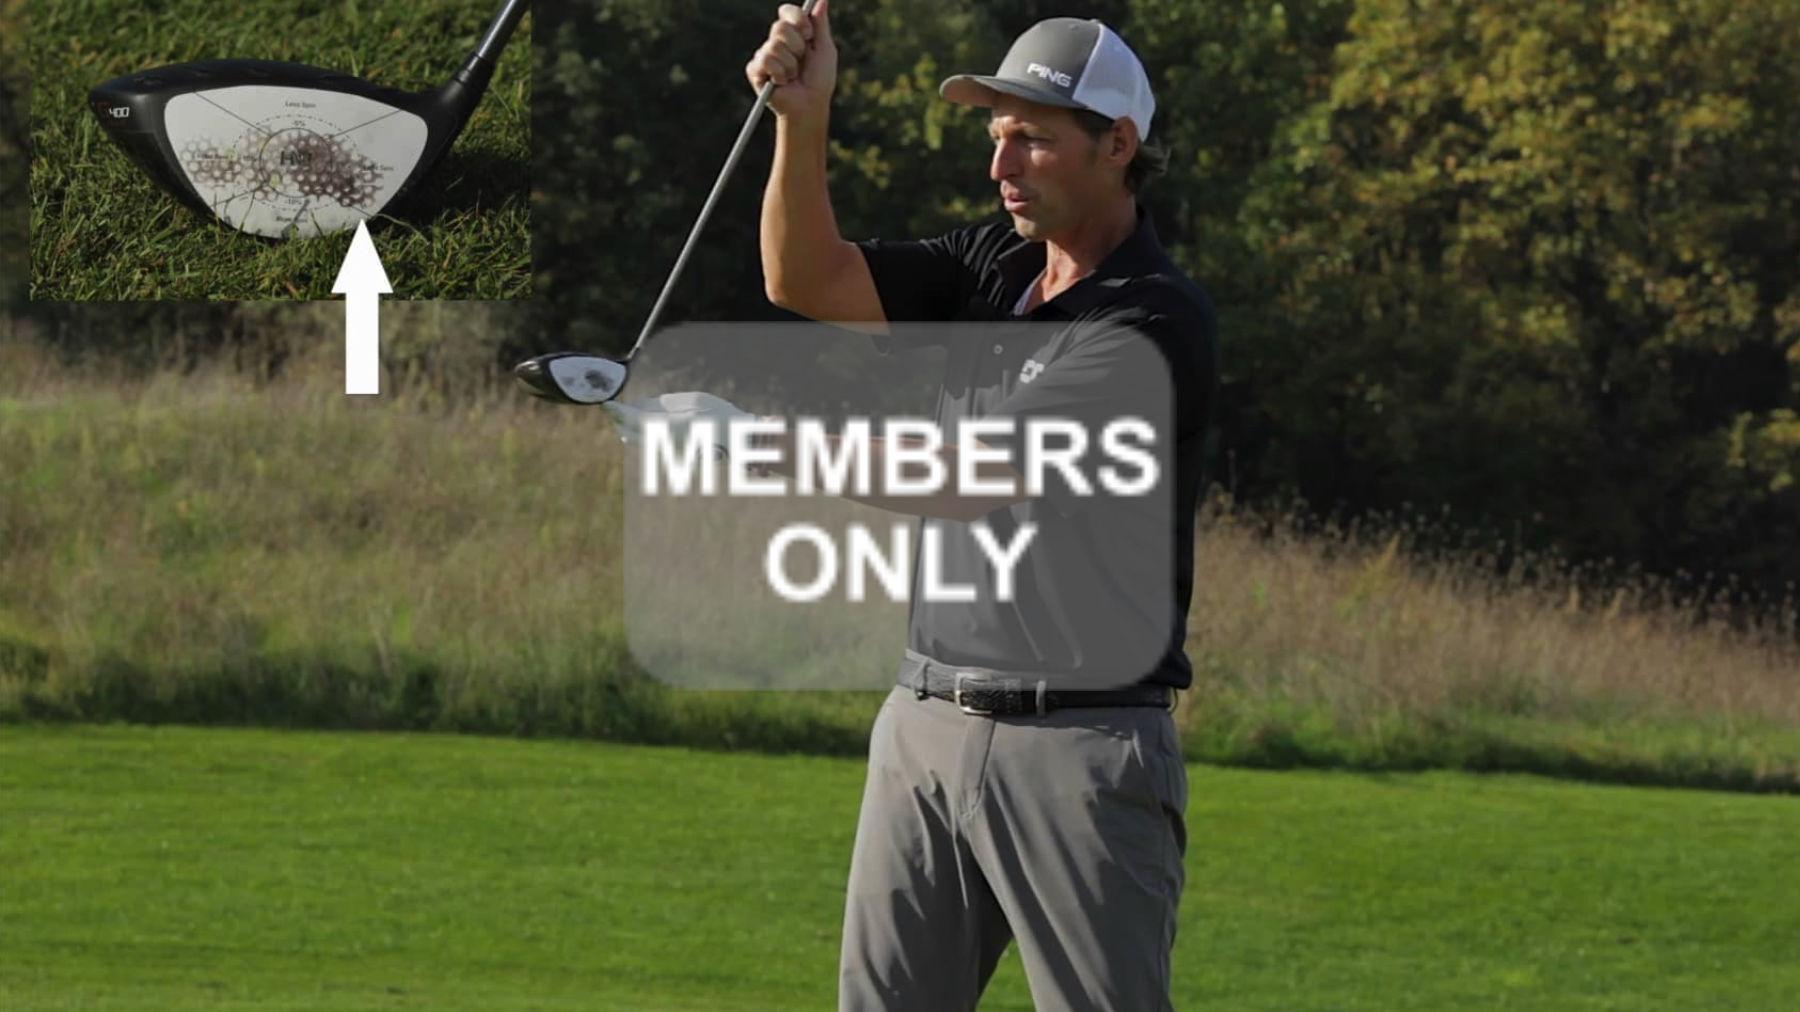 Golftraining | Richtungskontrolle | Keine Schuld | Golf lernen Videoportal - Sweetspot